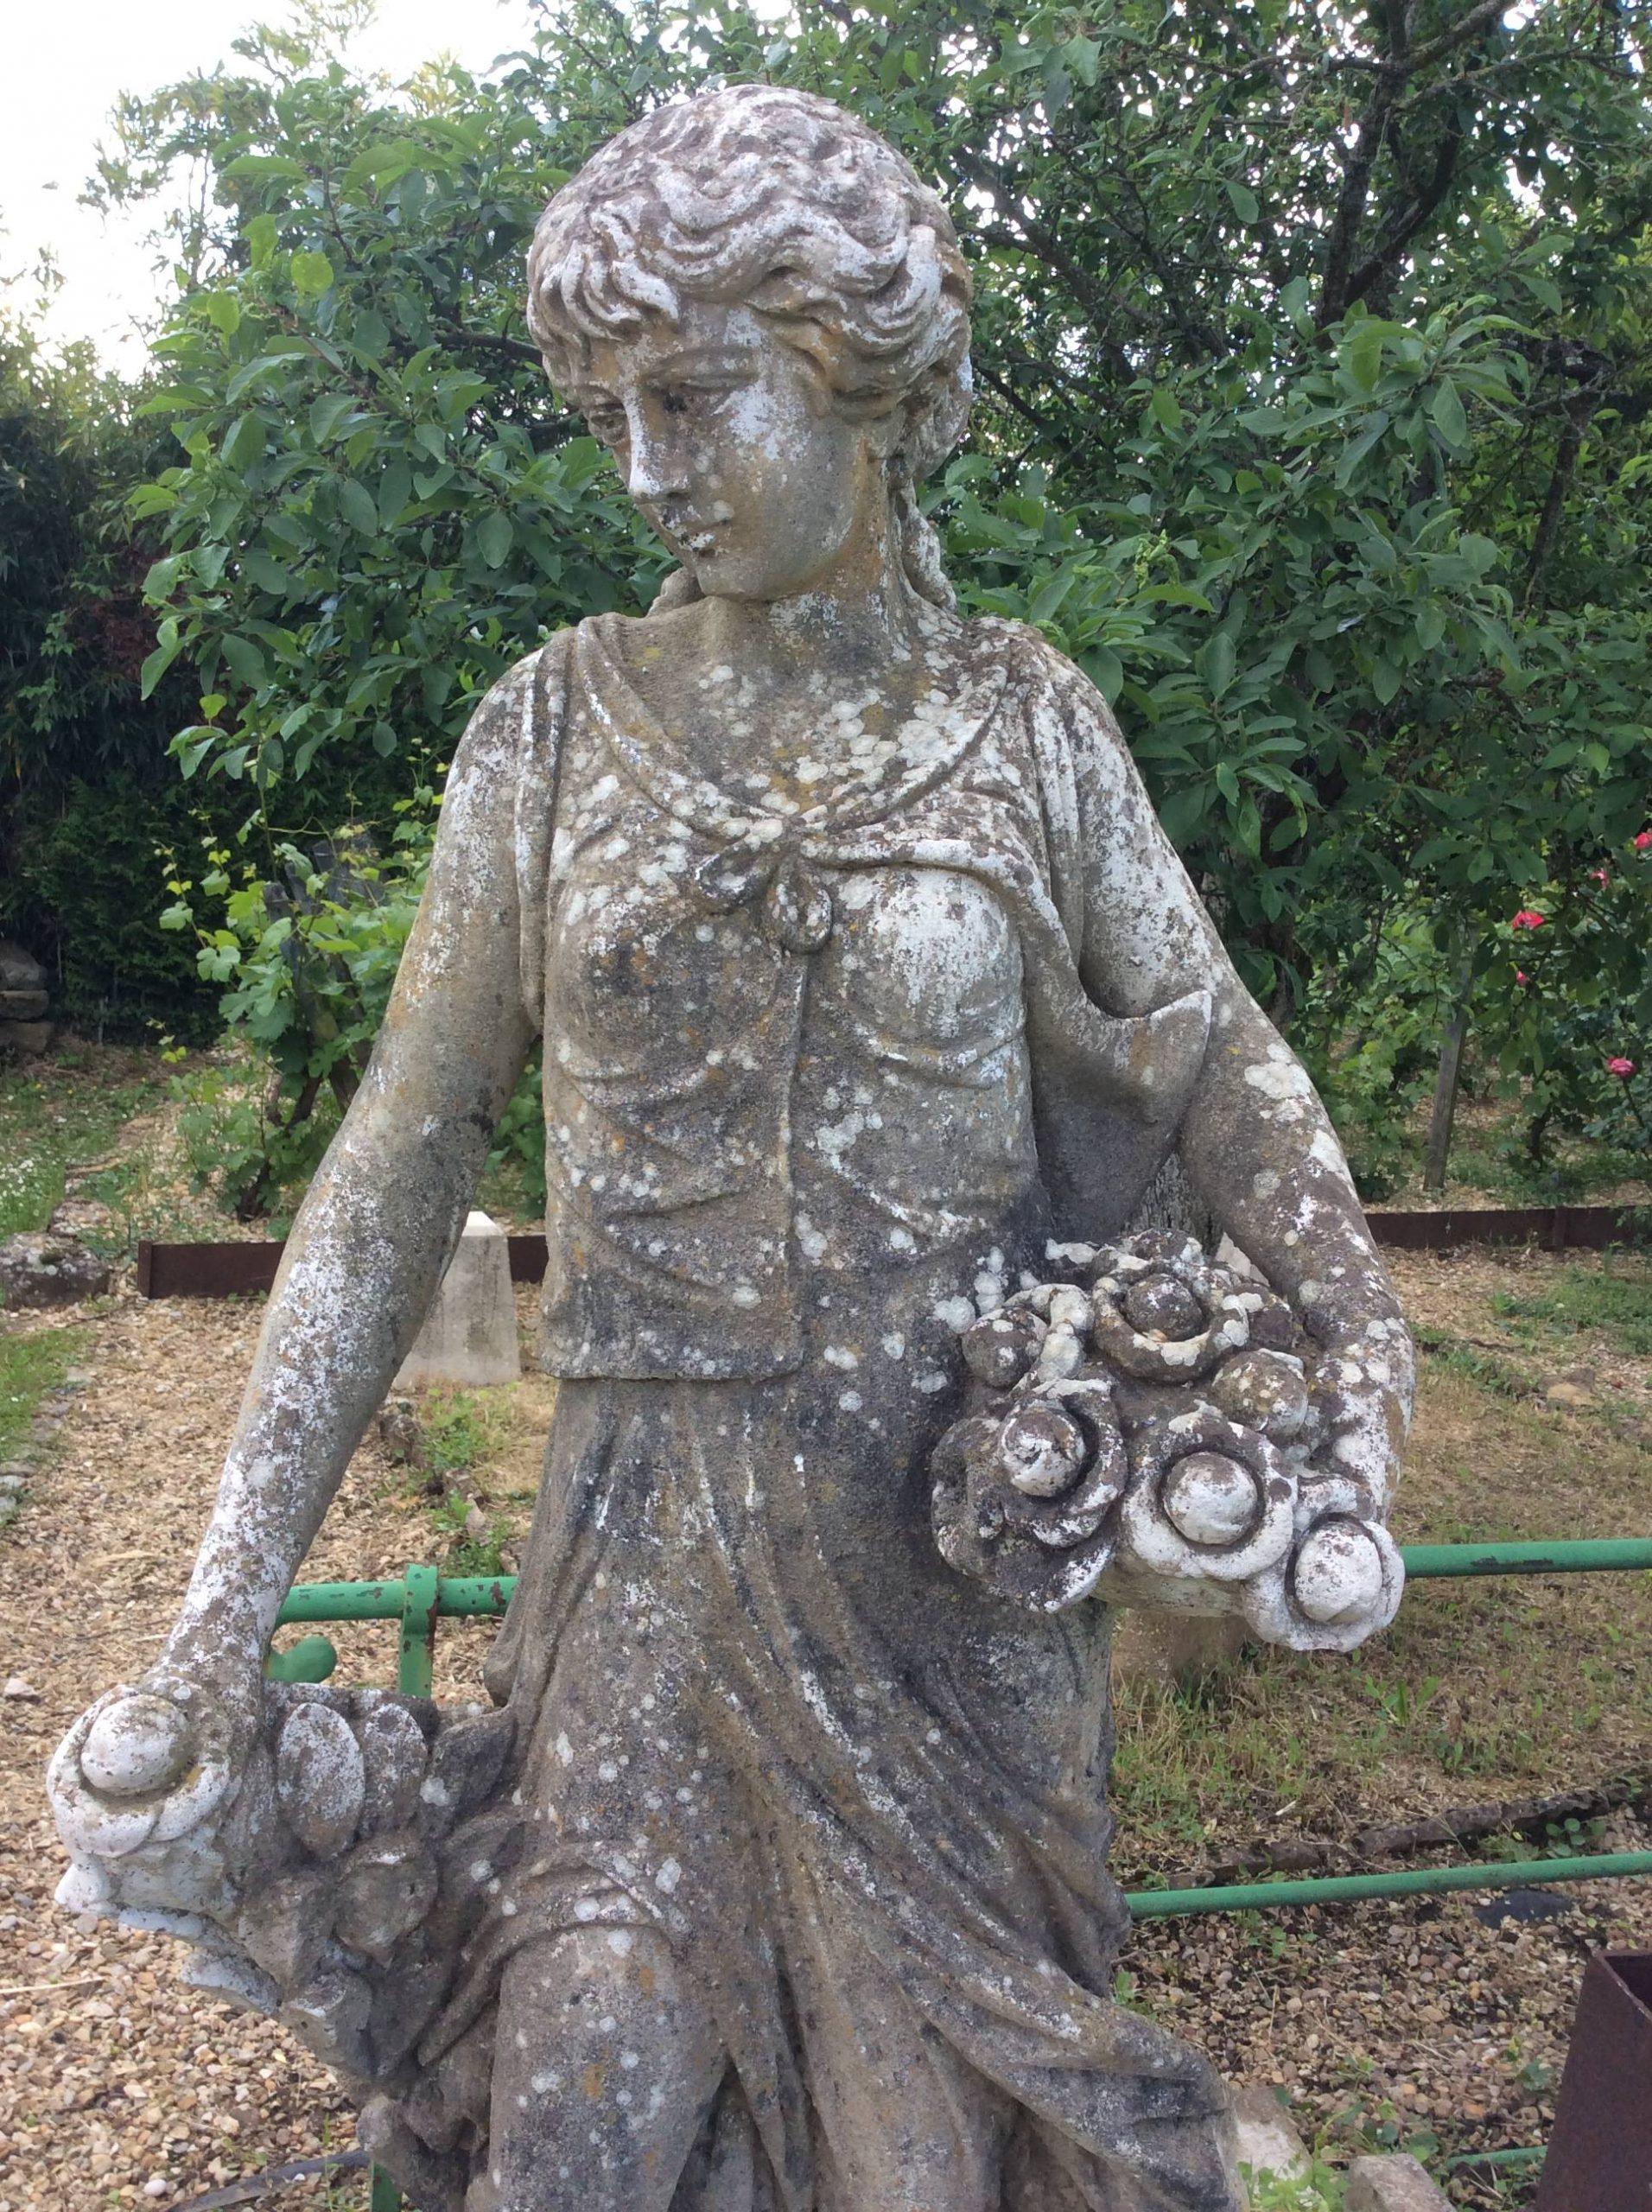 Catalogue D'ornement De Jardin. Contient Plusieurs Dizaines ... intérieur Statues De Jardin Occasion